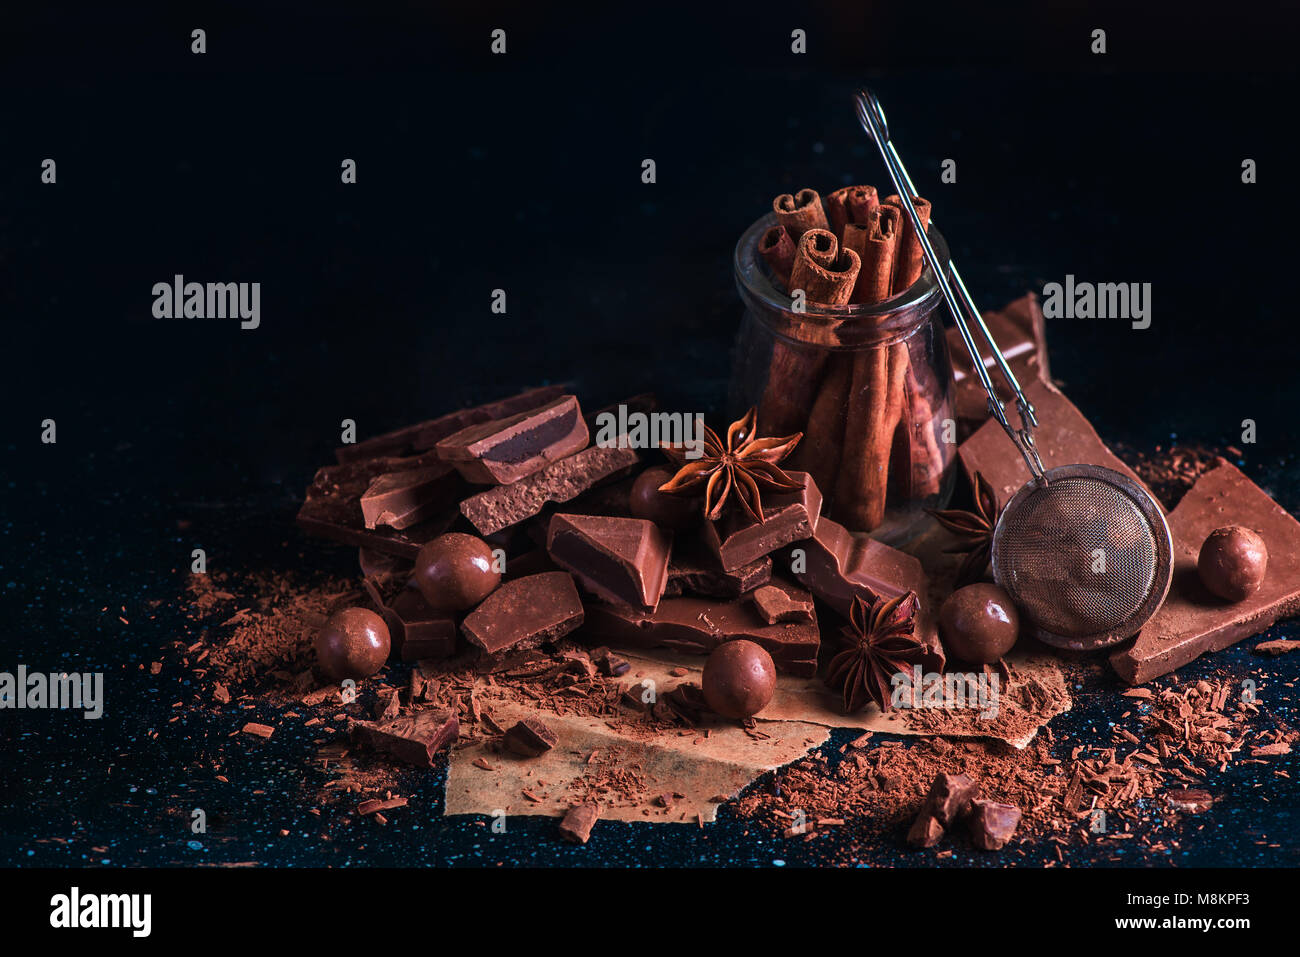 Cabezal con canela en un frasco de vidrio, dispersa el polvo de cacao y trozos de chocolate sobre un fondo oscuro Imagen De Stock